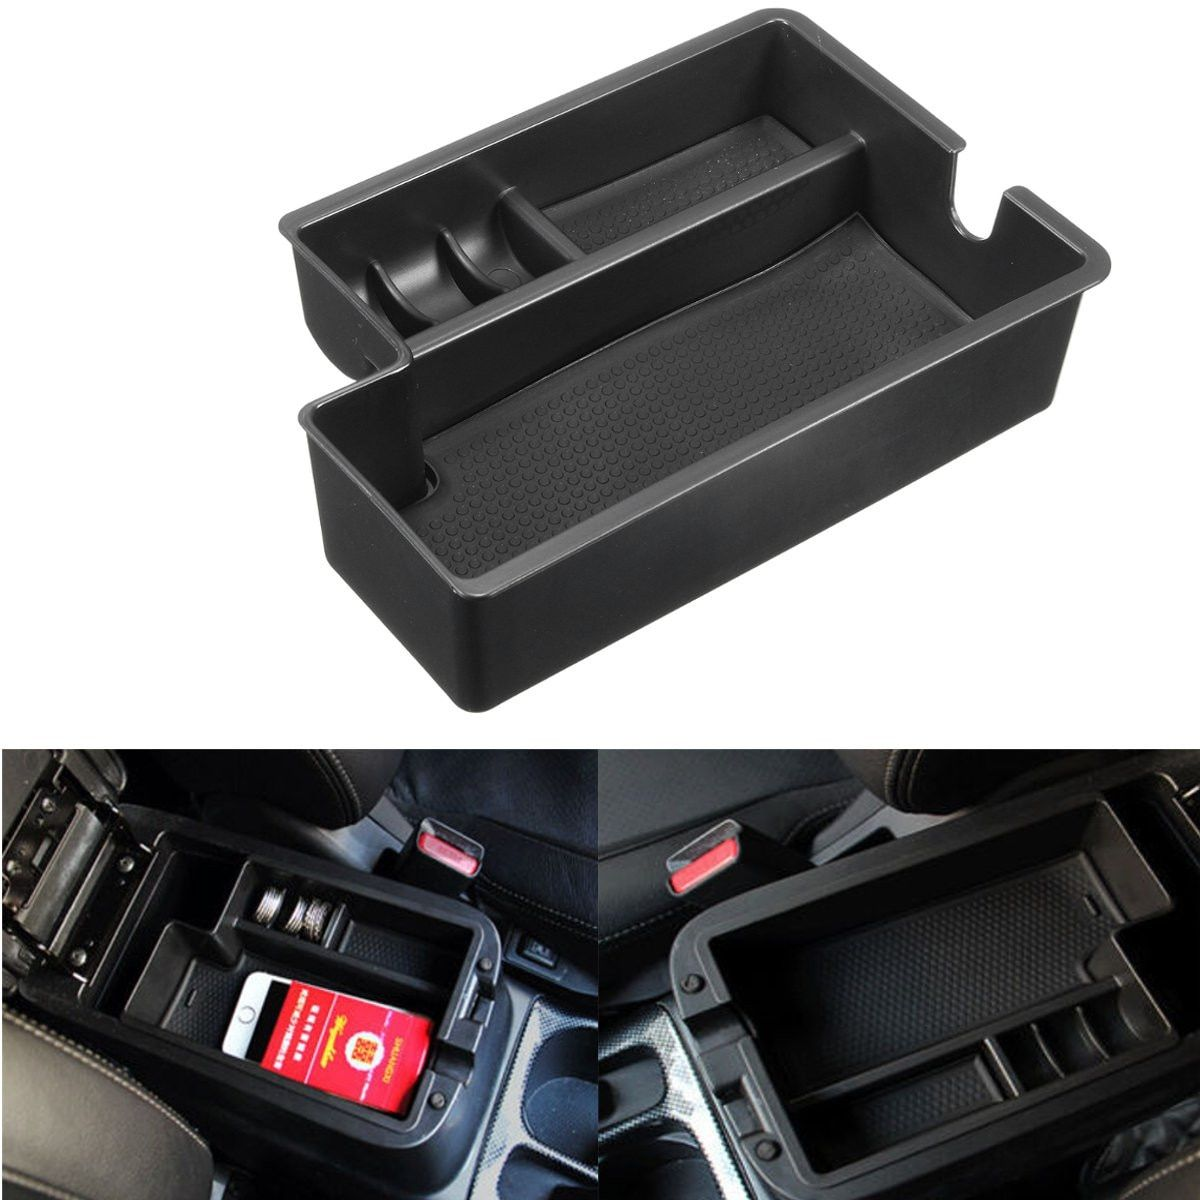 Автомобиль Средства ухода для автомобиля подлокотник контейнер центральной хранения паллет поле чехол для Mitsubishi/Outlander 2013 2014 2015 2016